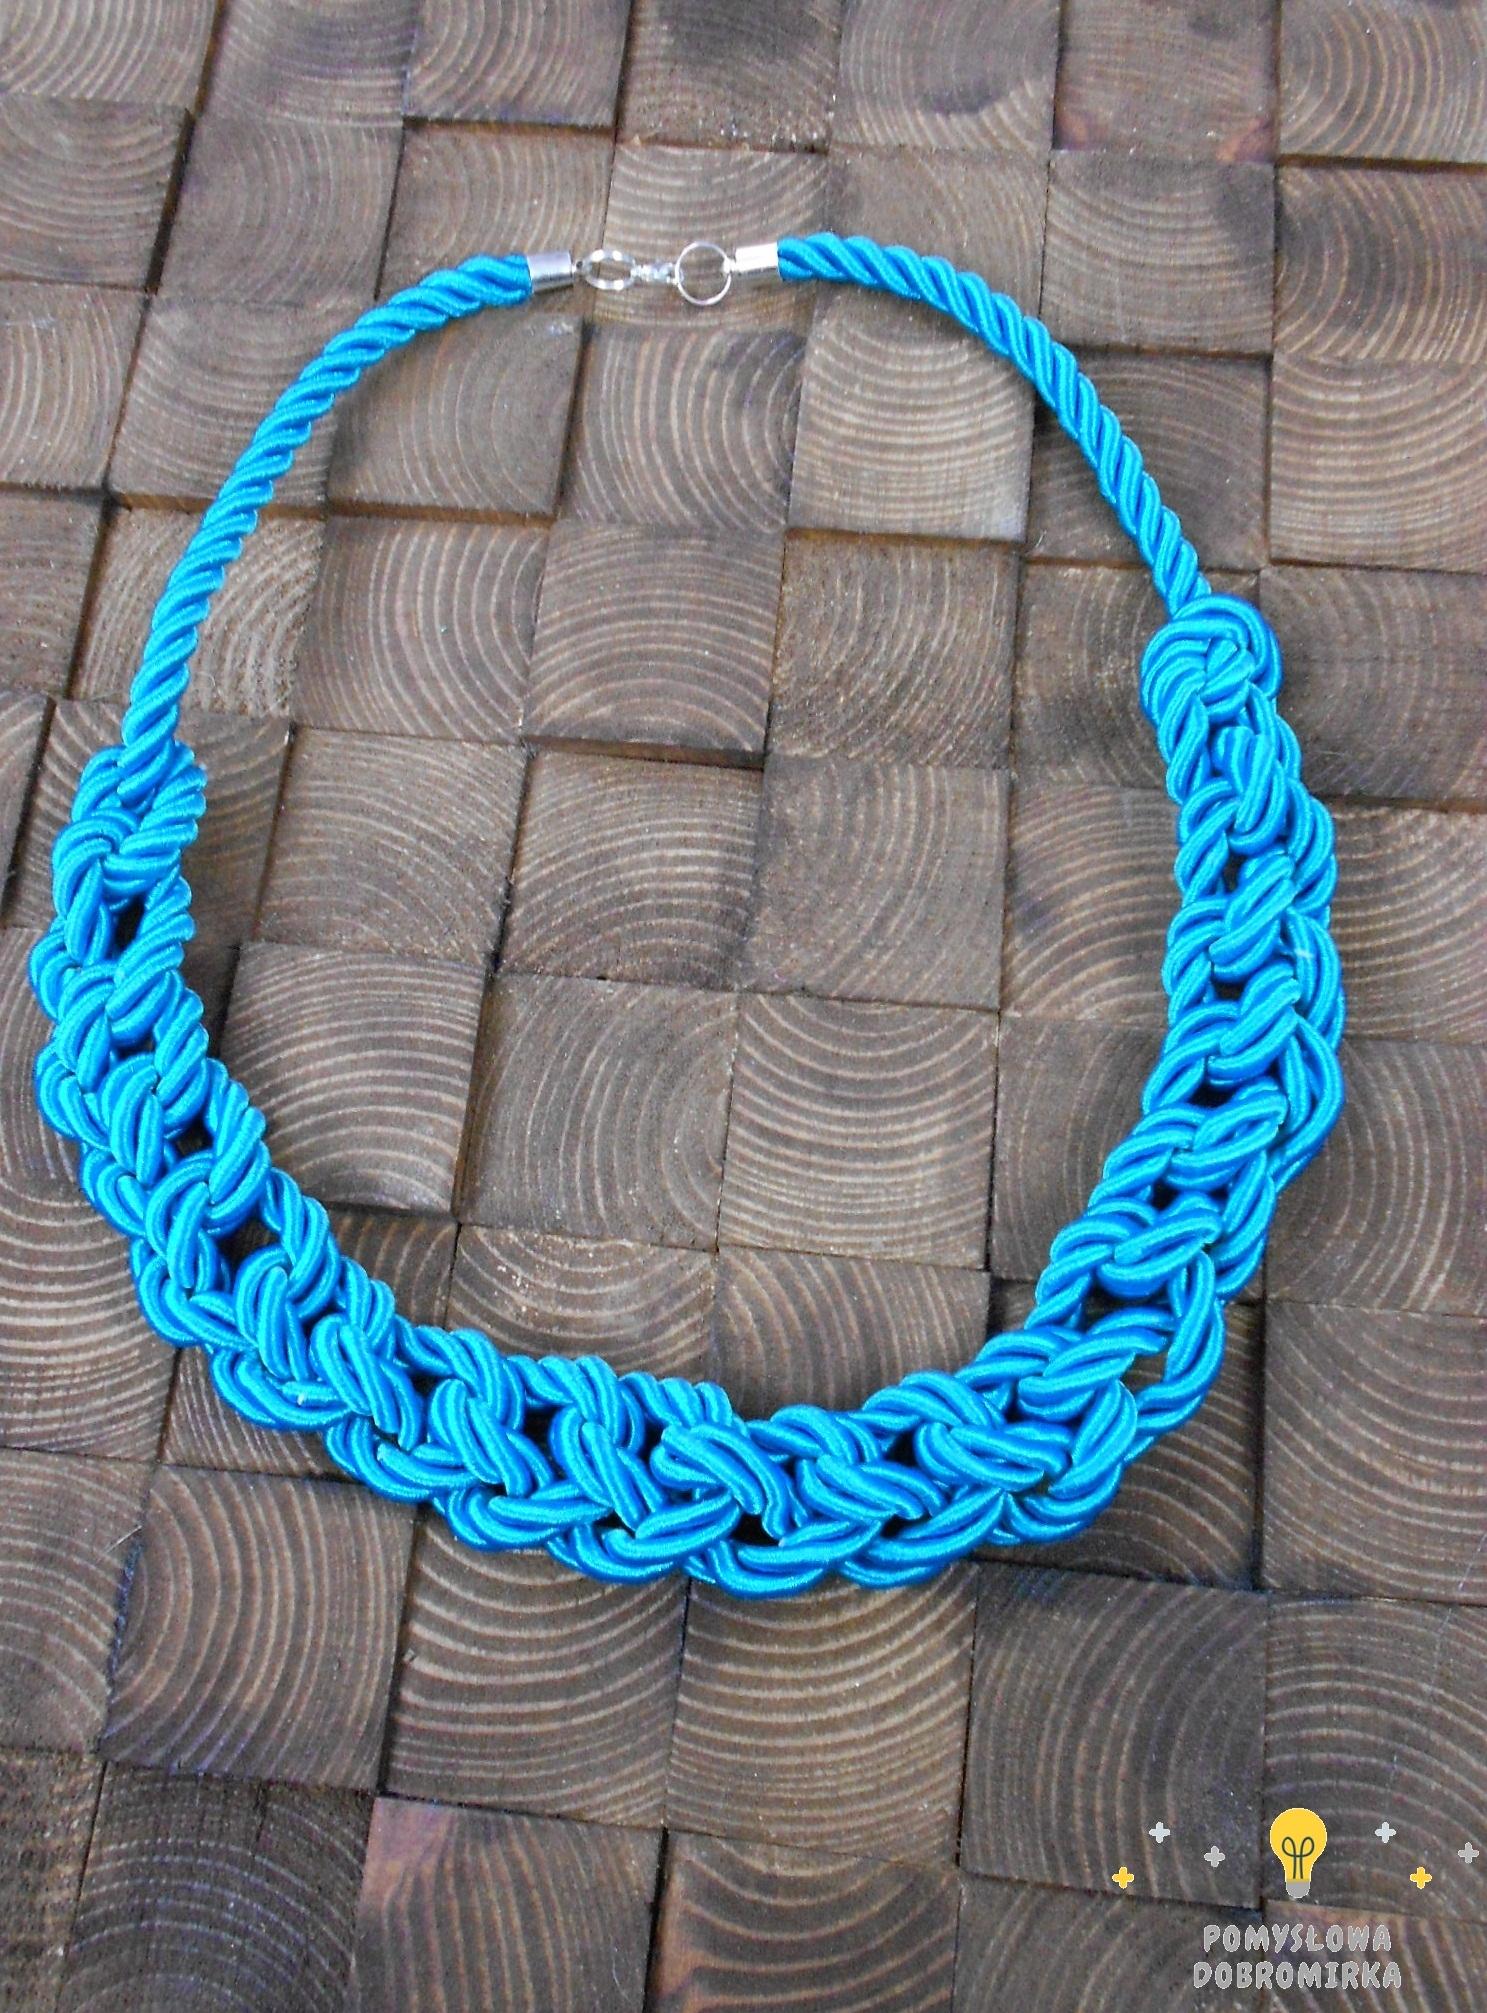 Turkusowy naszyjnik ze sznura marynarskiego